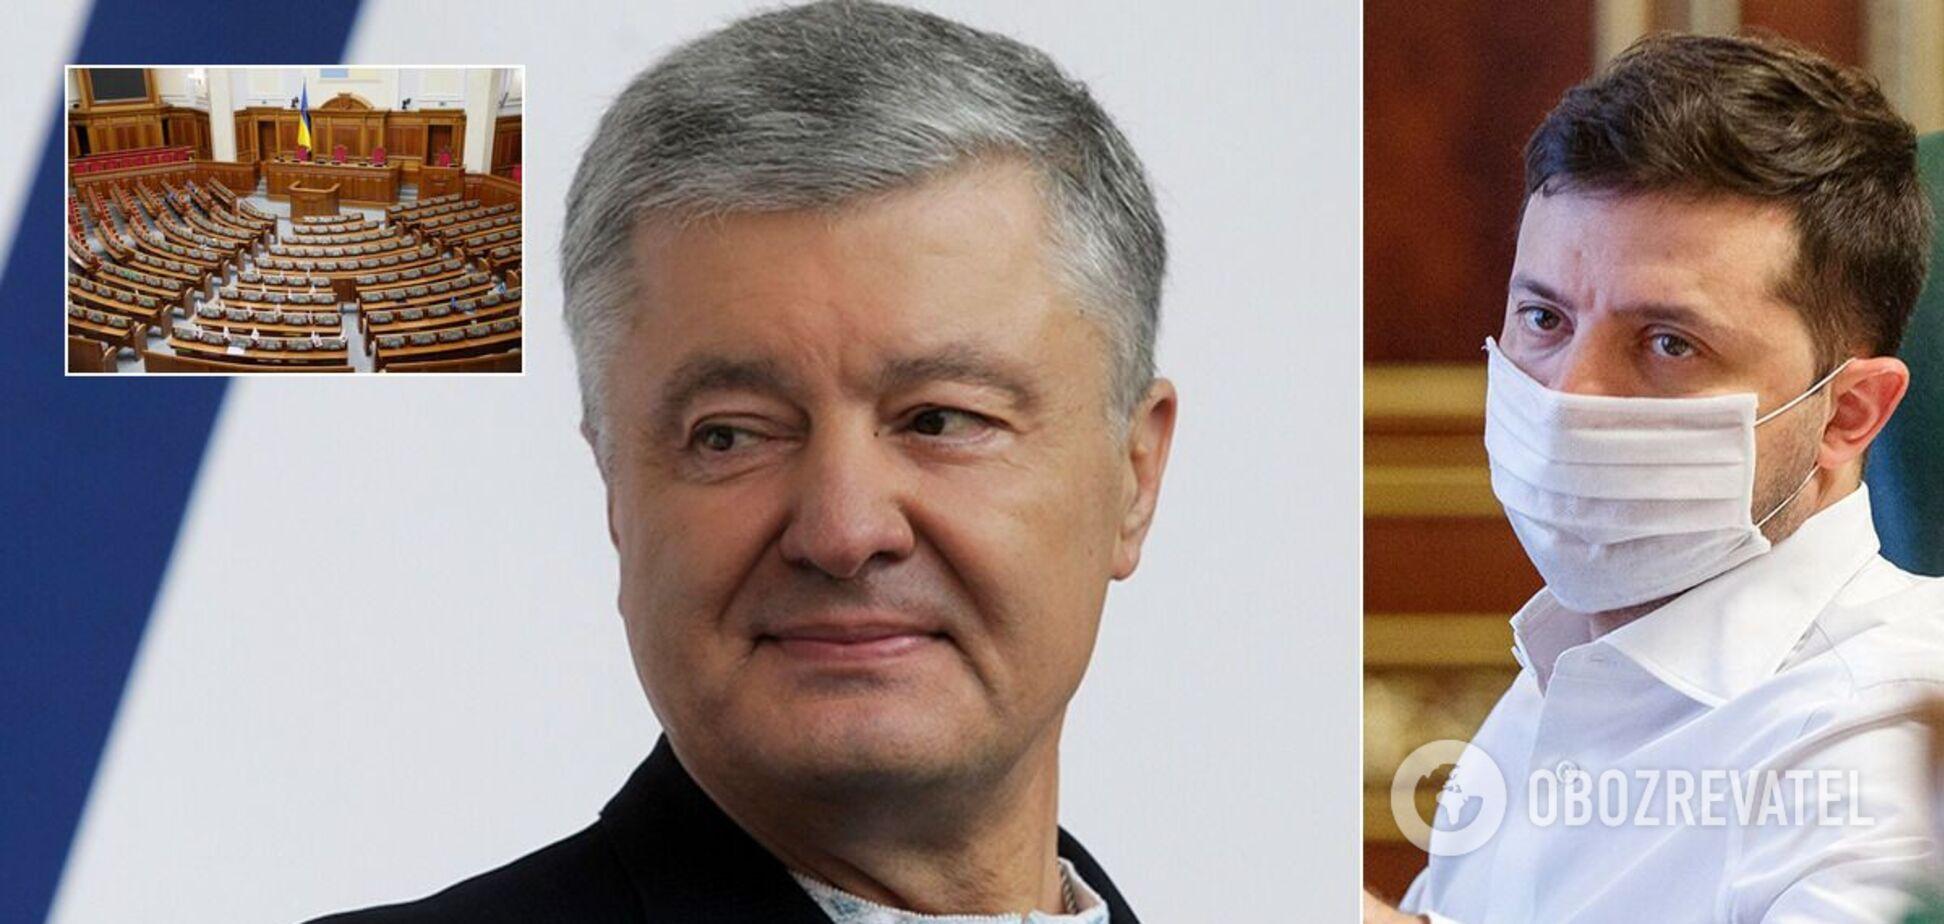 З'явився прогноз проходження політсил у Раду: партія Порошенка наростила підтримку, а Зеленського – втратила